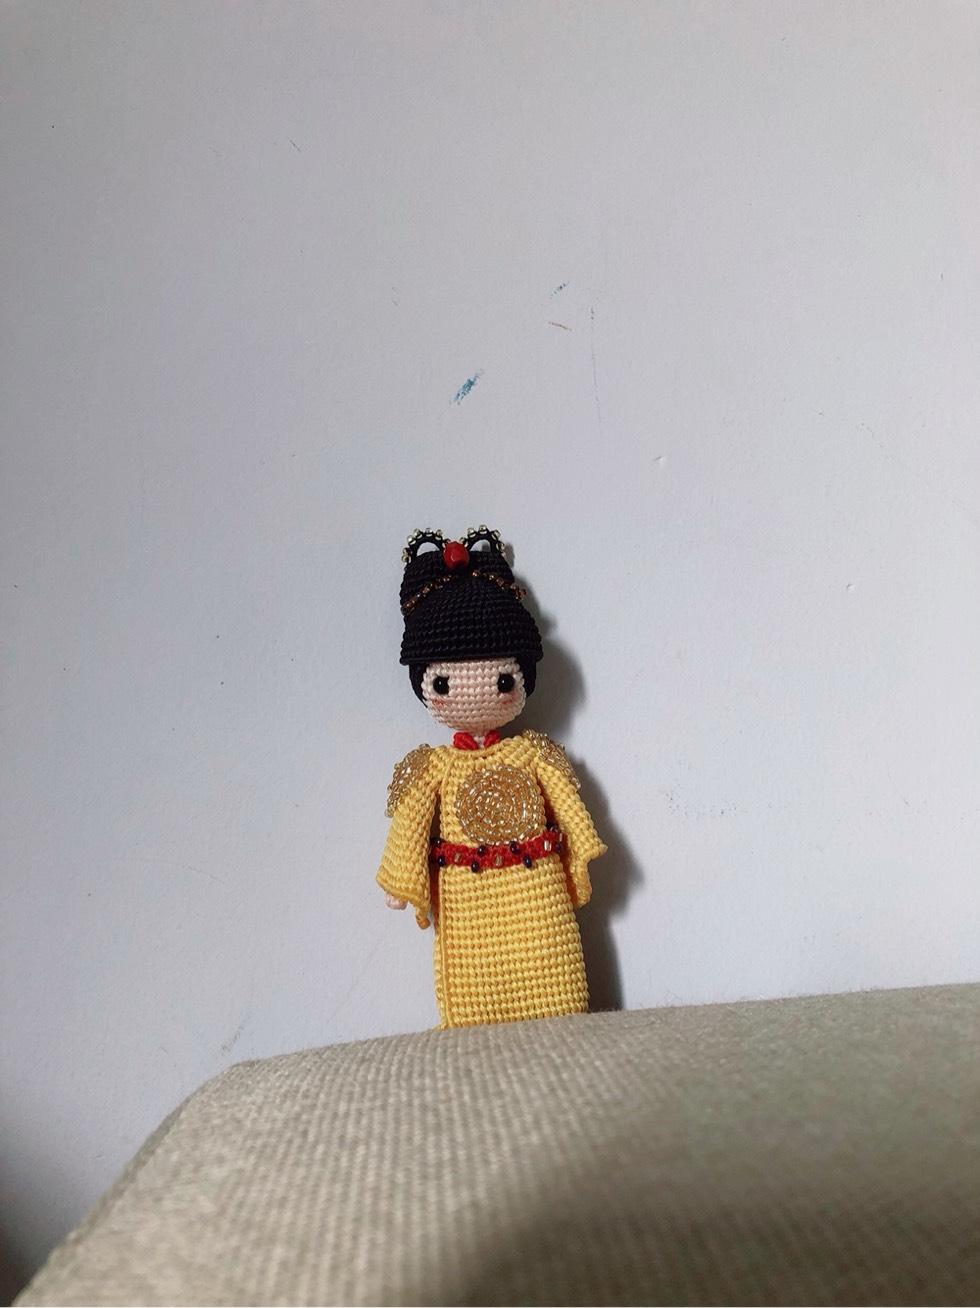 中国结论坛 明朝皇帝 清朝皇帝,明朝最伟大的三个皇帝,明朝十六位皇帝列表,明朝最后一个皇帝,明朝十六帝个个是奇葩 作品展示 195829vpae2ifbeie28aen